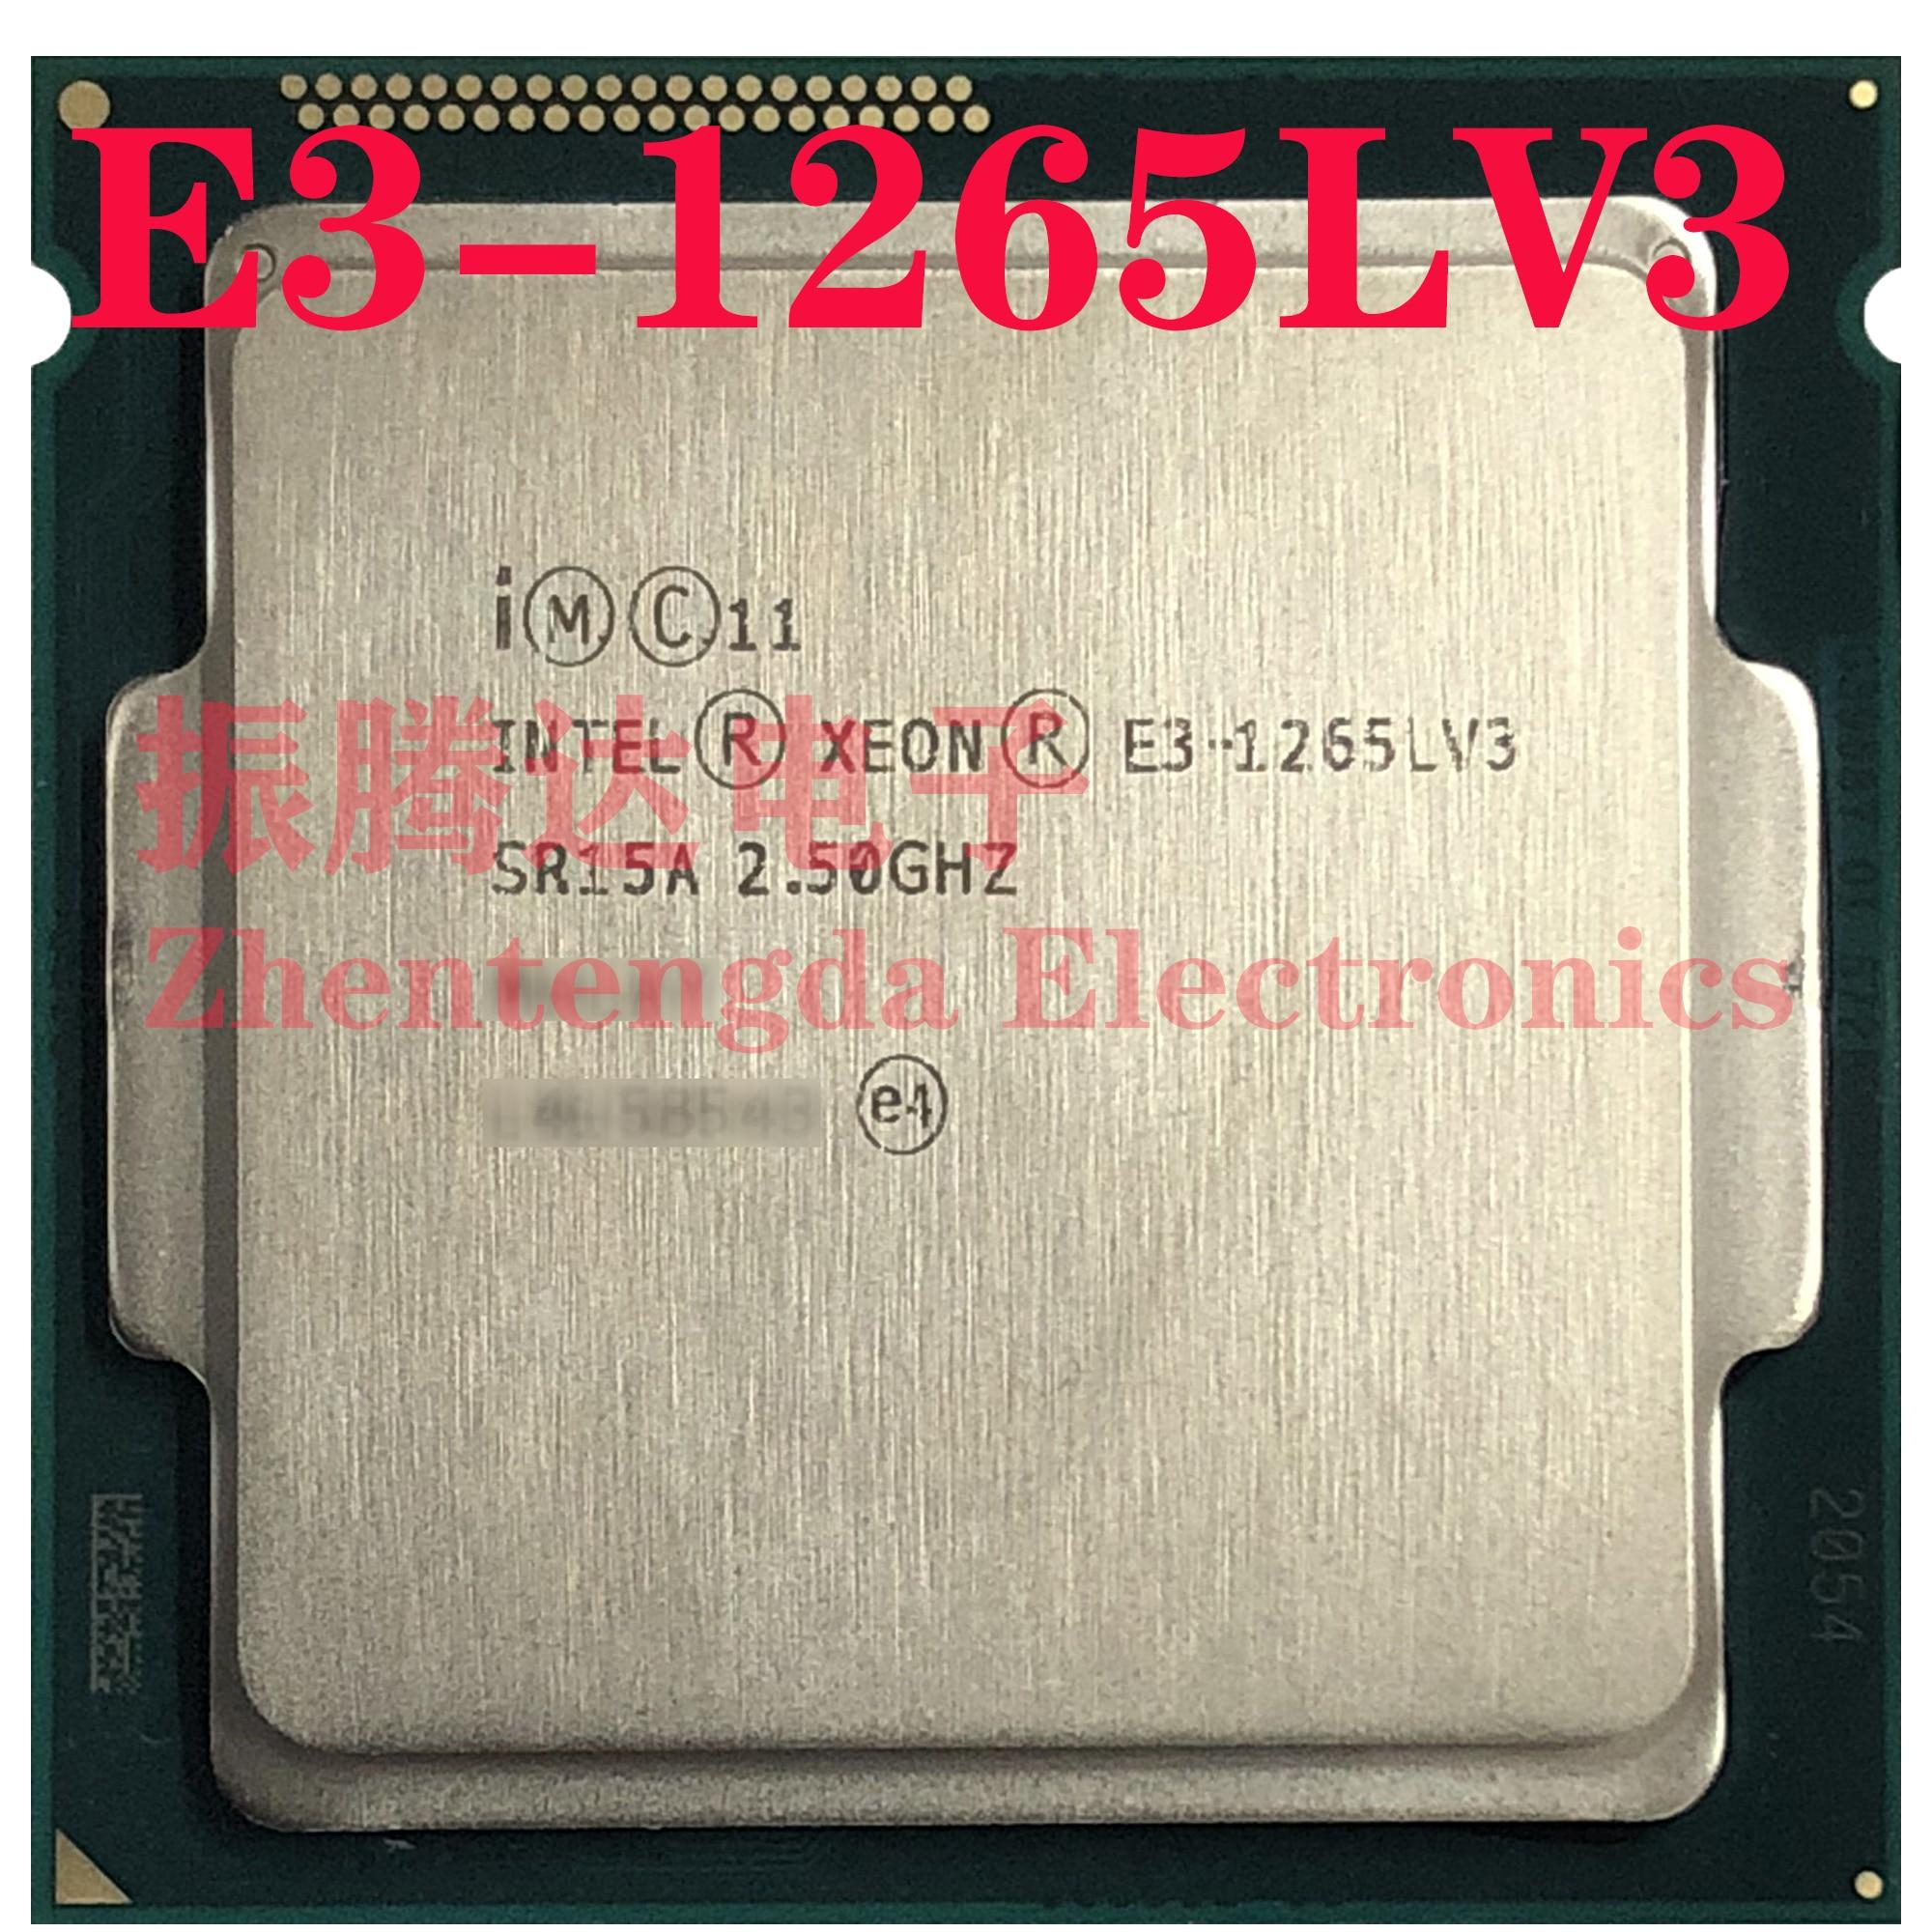 Intel Xeon E3-1265L v3 2.5GHz 8MB 4 Core 8 Thread LGA 1150 E3-1265Lv3 CPU Processor